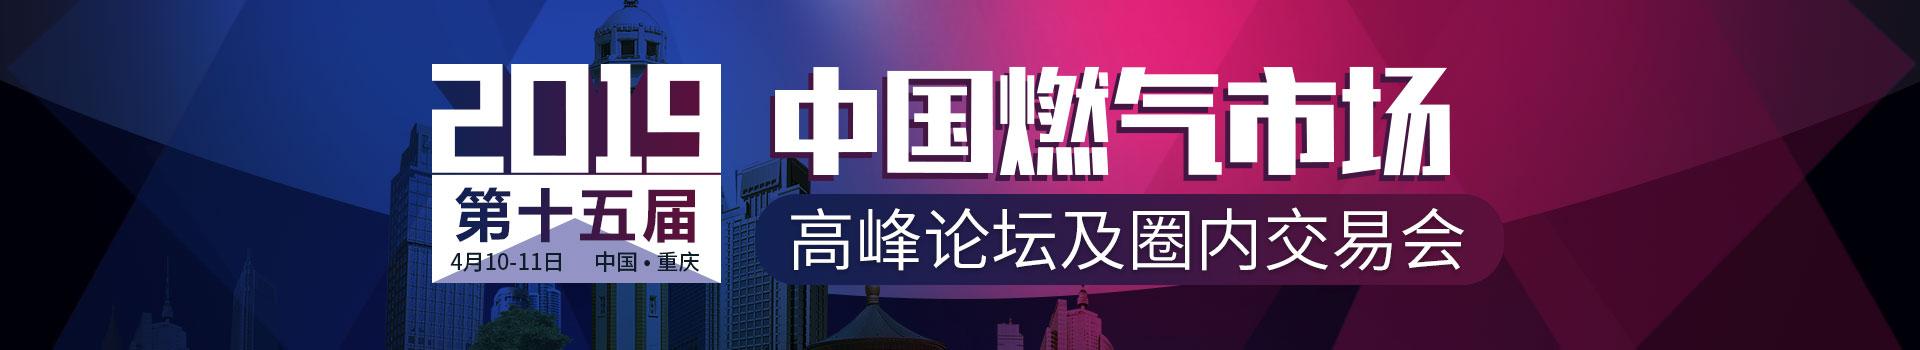 4月10-11日 中国 重庆